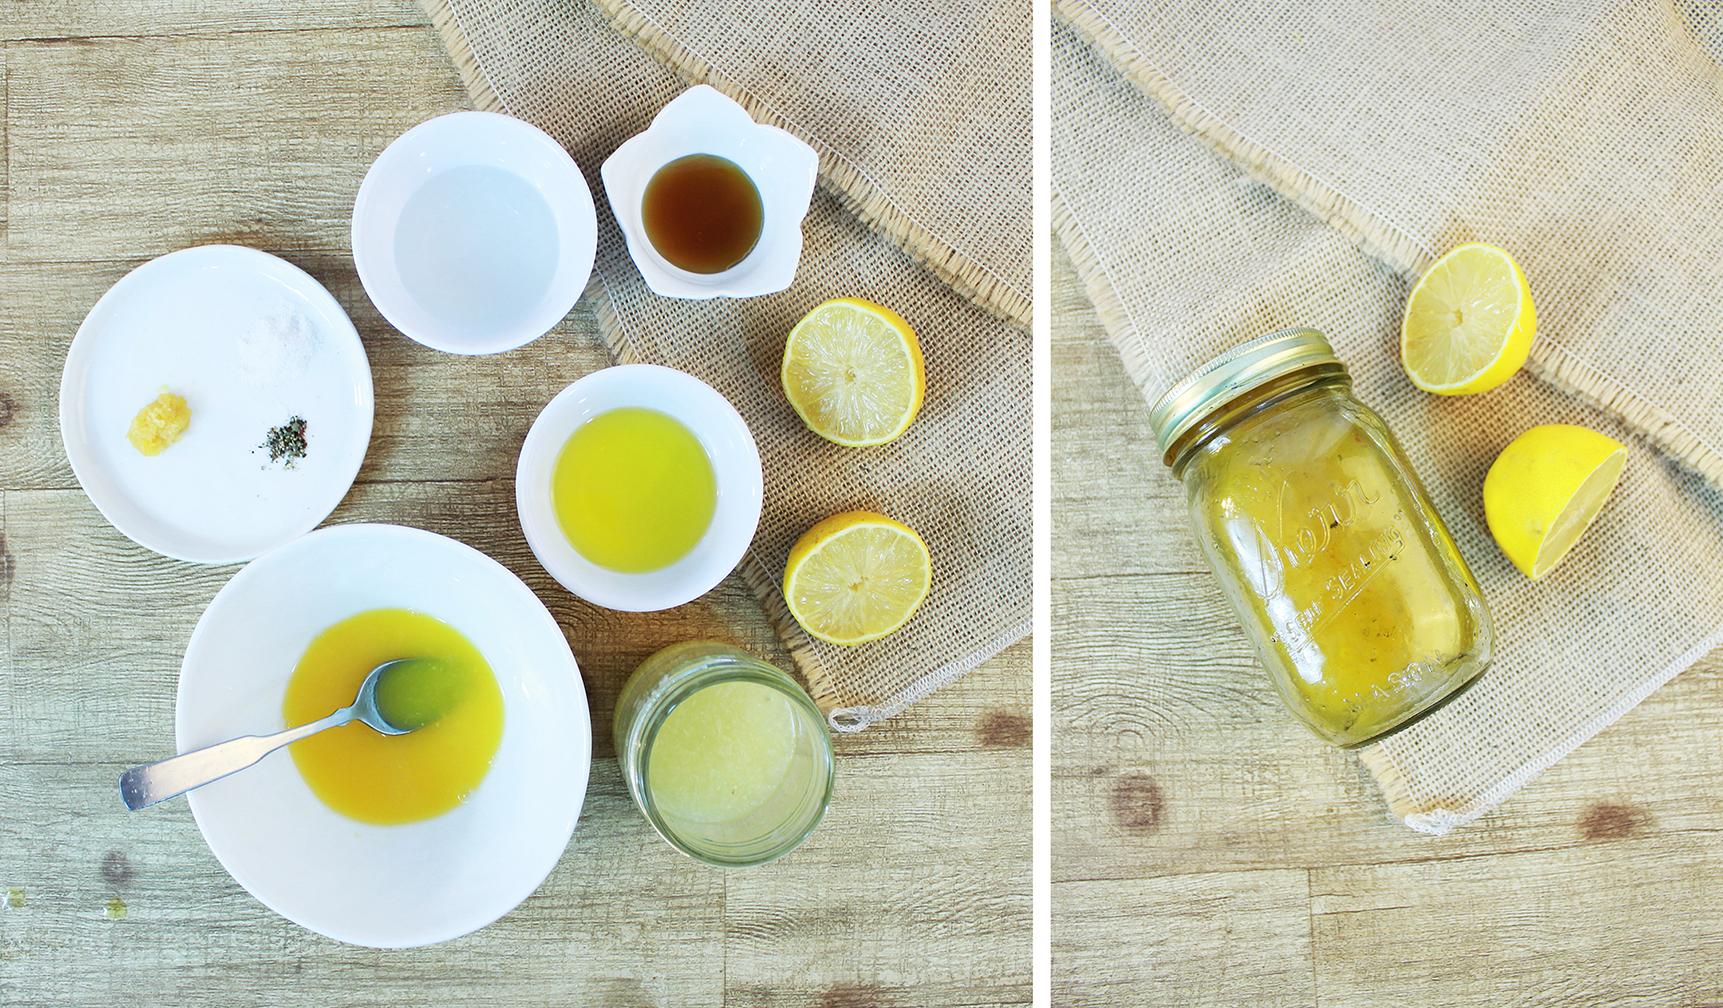 Orange Citrus Vinaigrette Ingredients